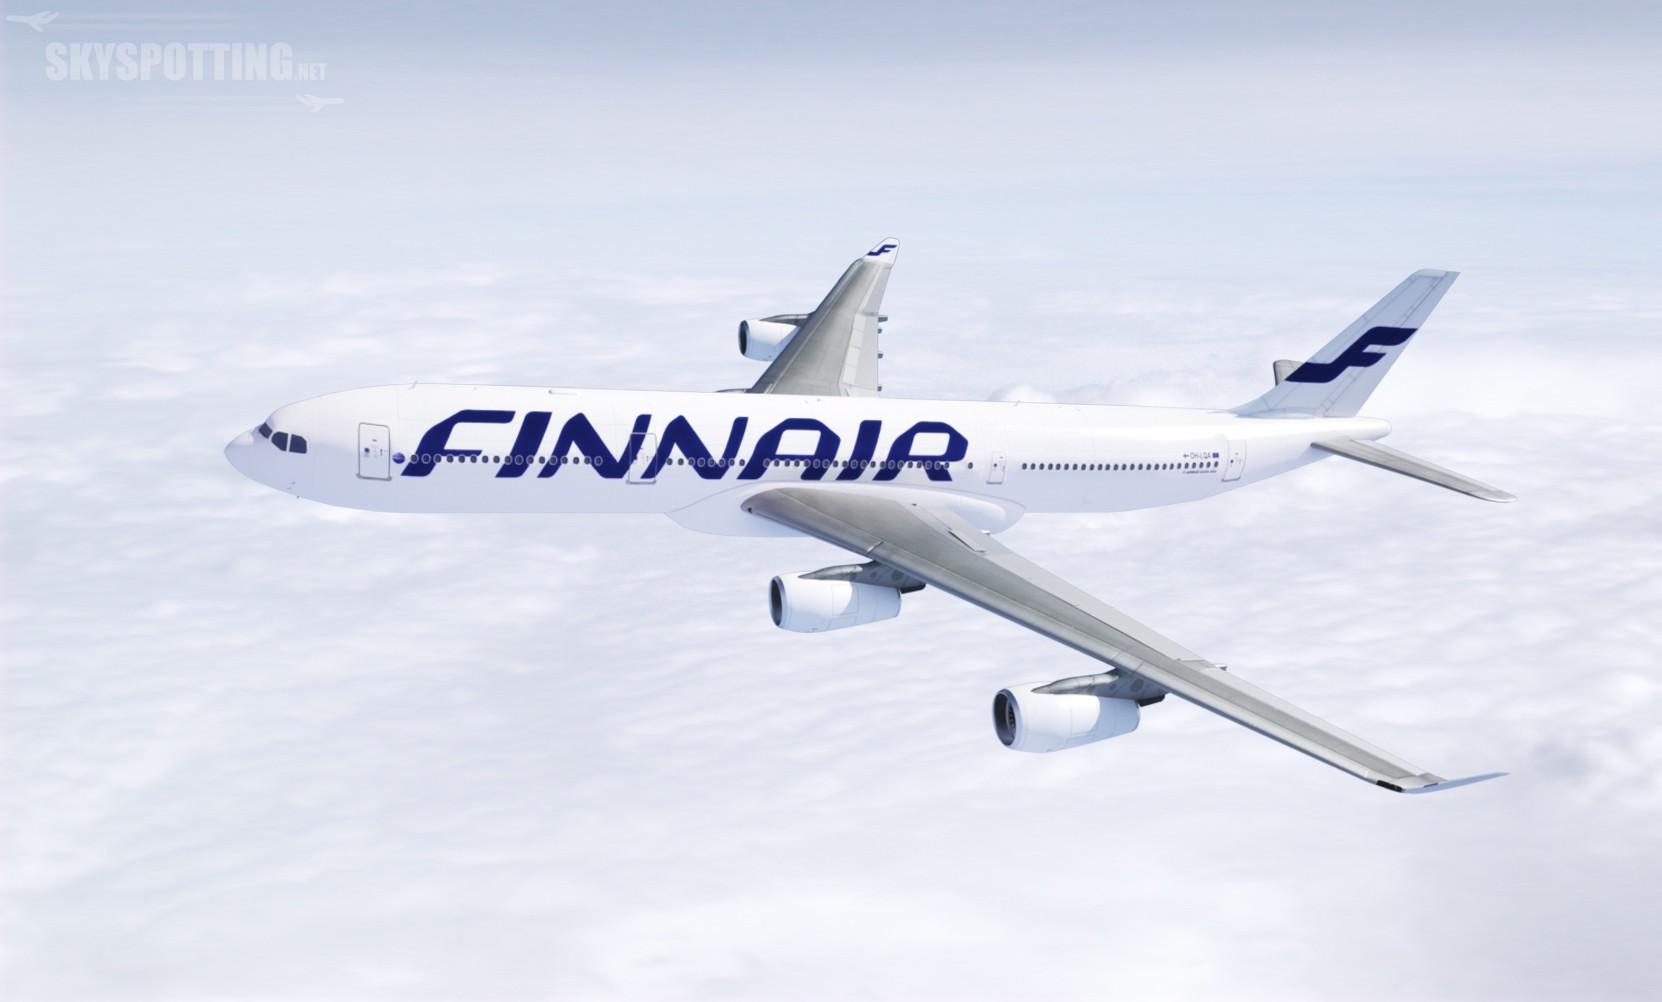 Finnair jako pierwsza europejska linia lotnicza uzyska certyfikat IATA w programie oceny oddziaływania na środowisko